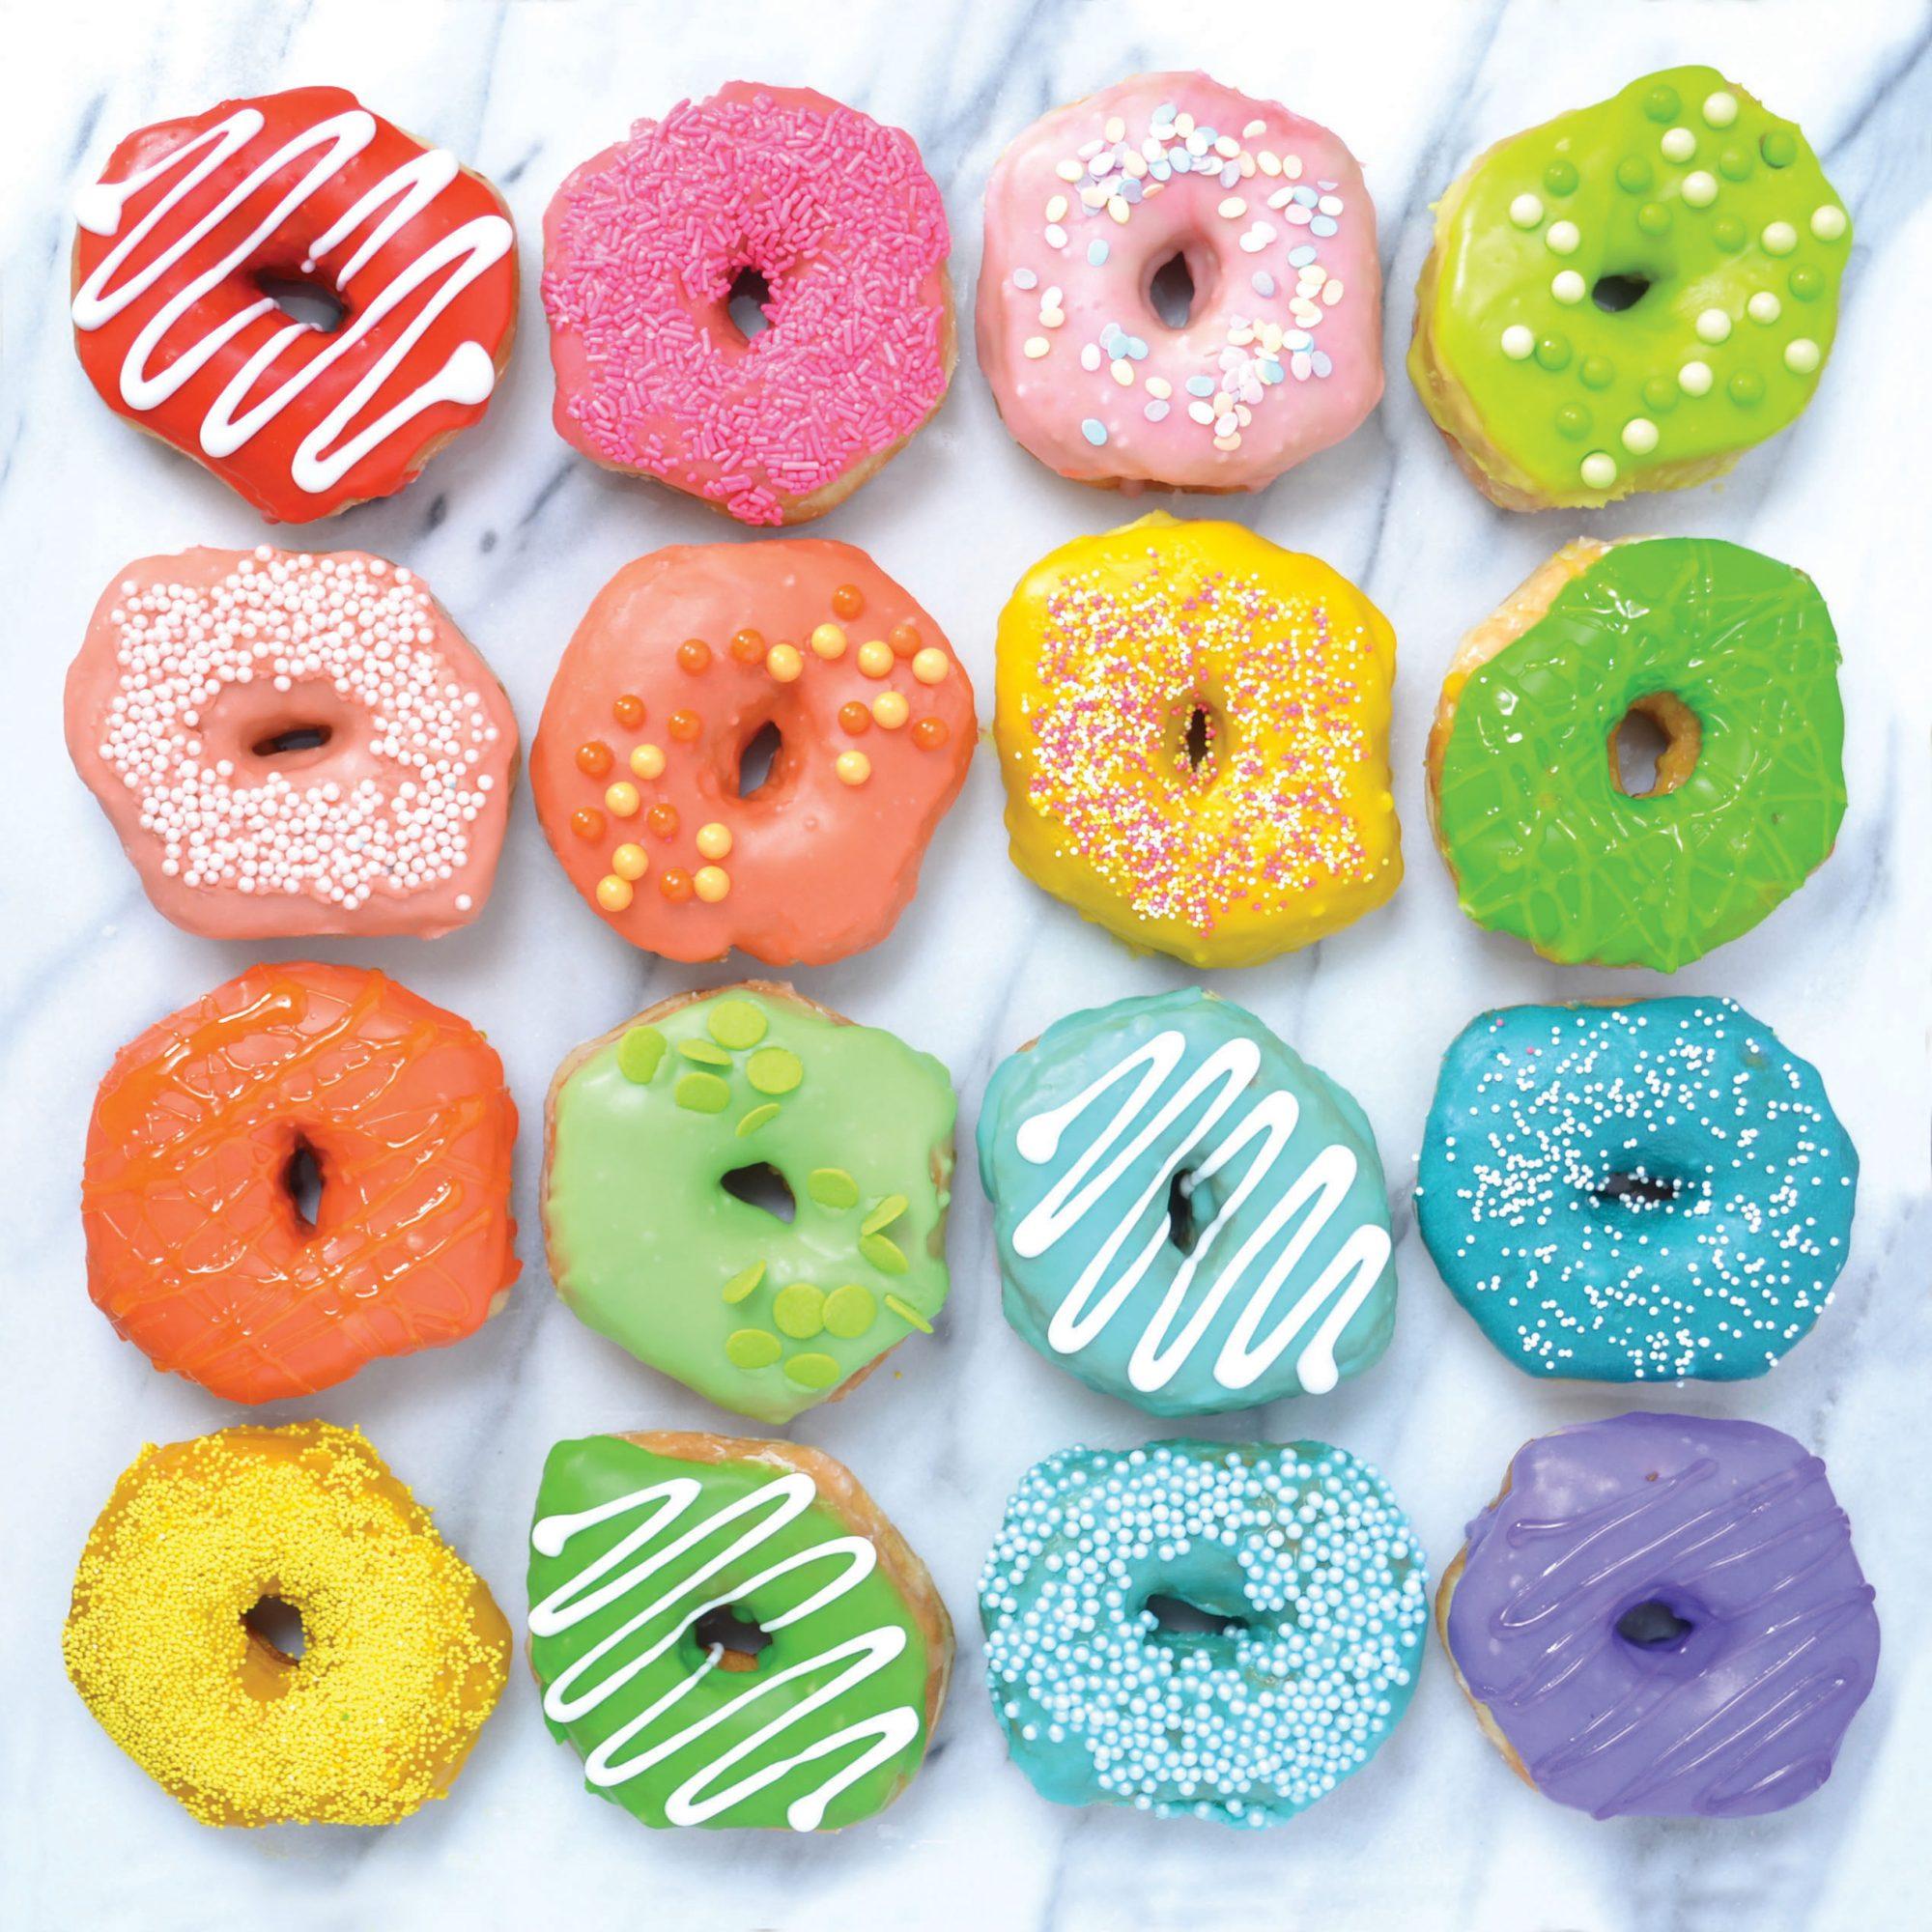 Donuts_7x7